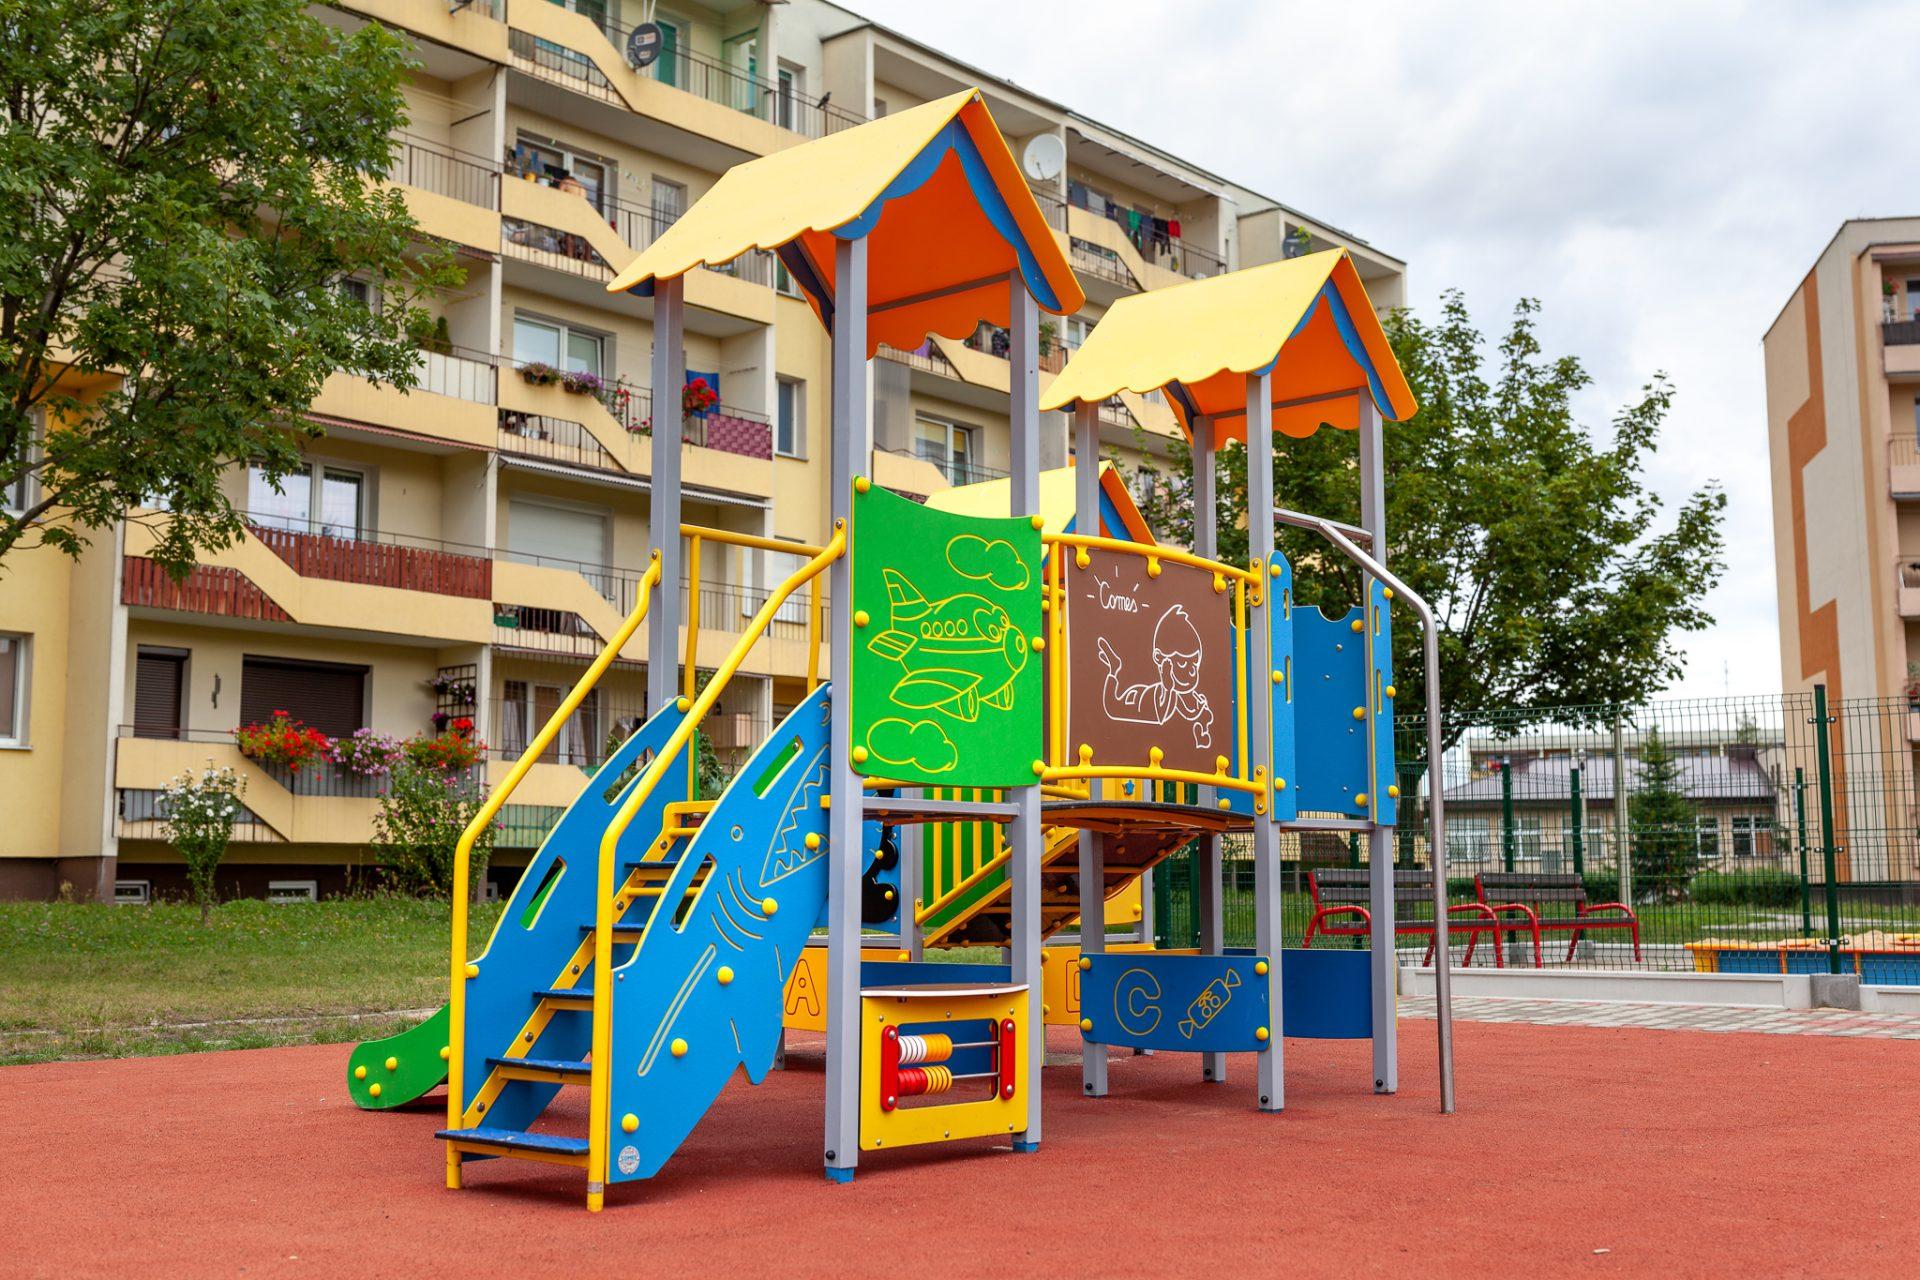 Bezpiecnzy plac zabaw w Starachowicach